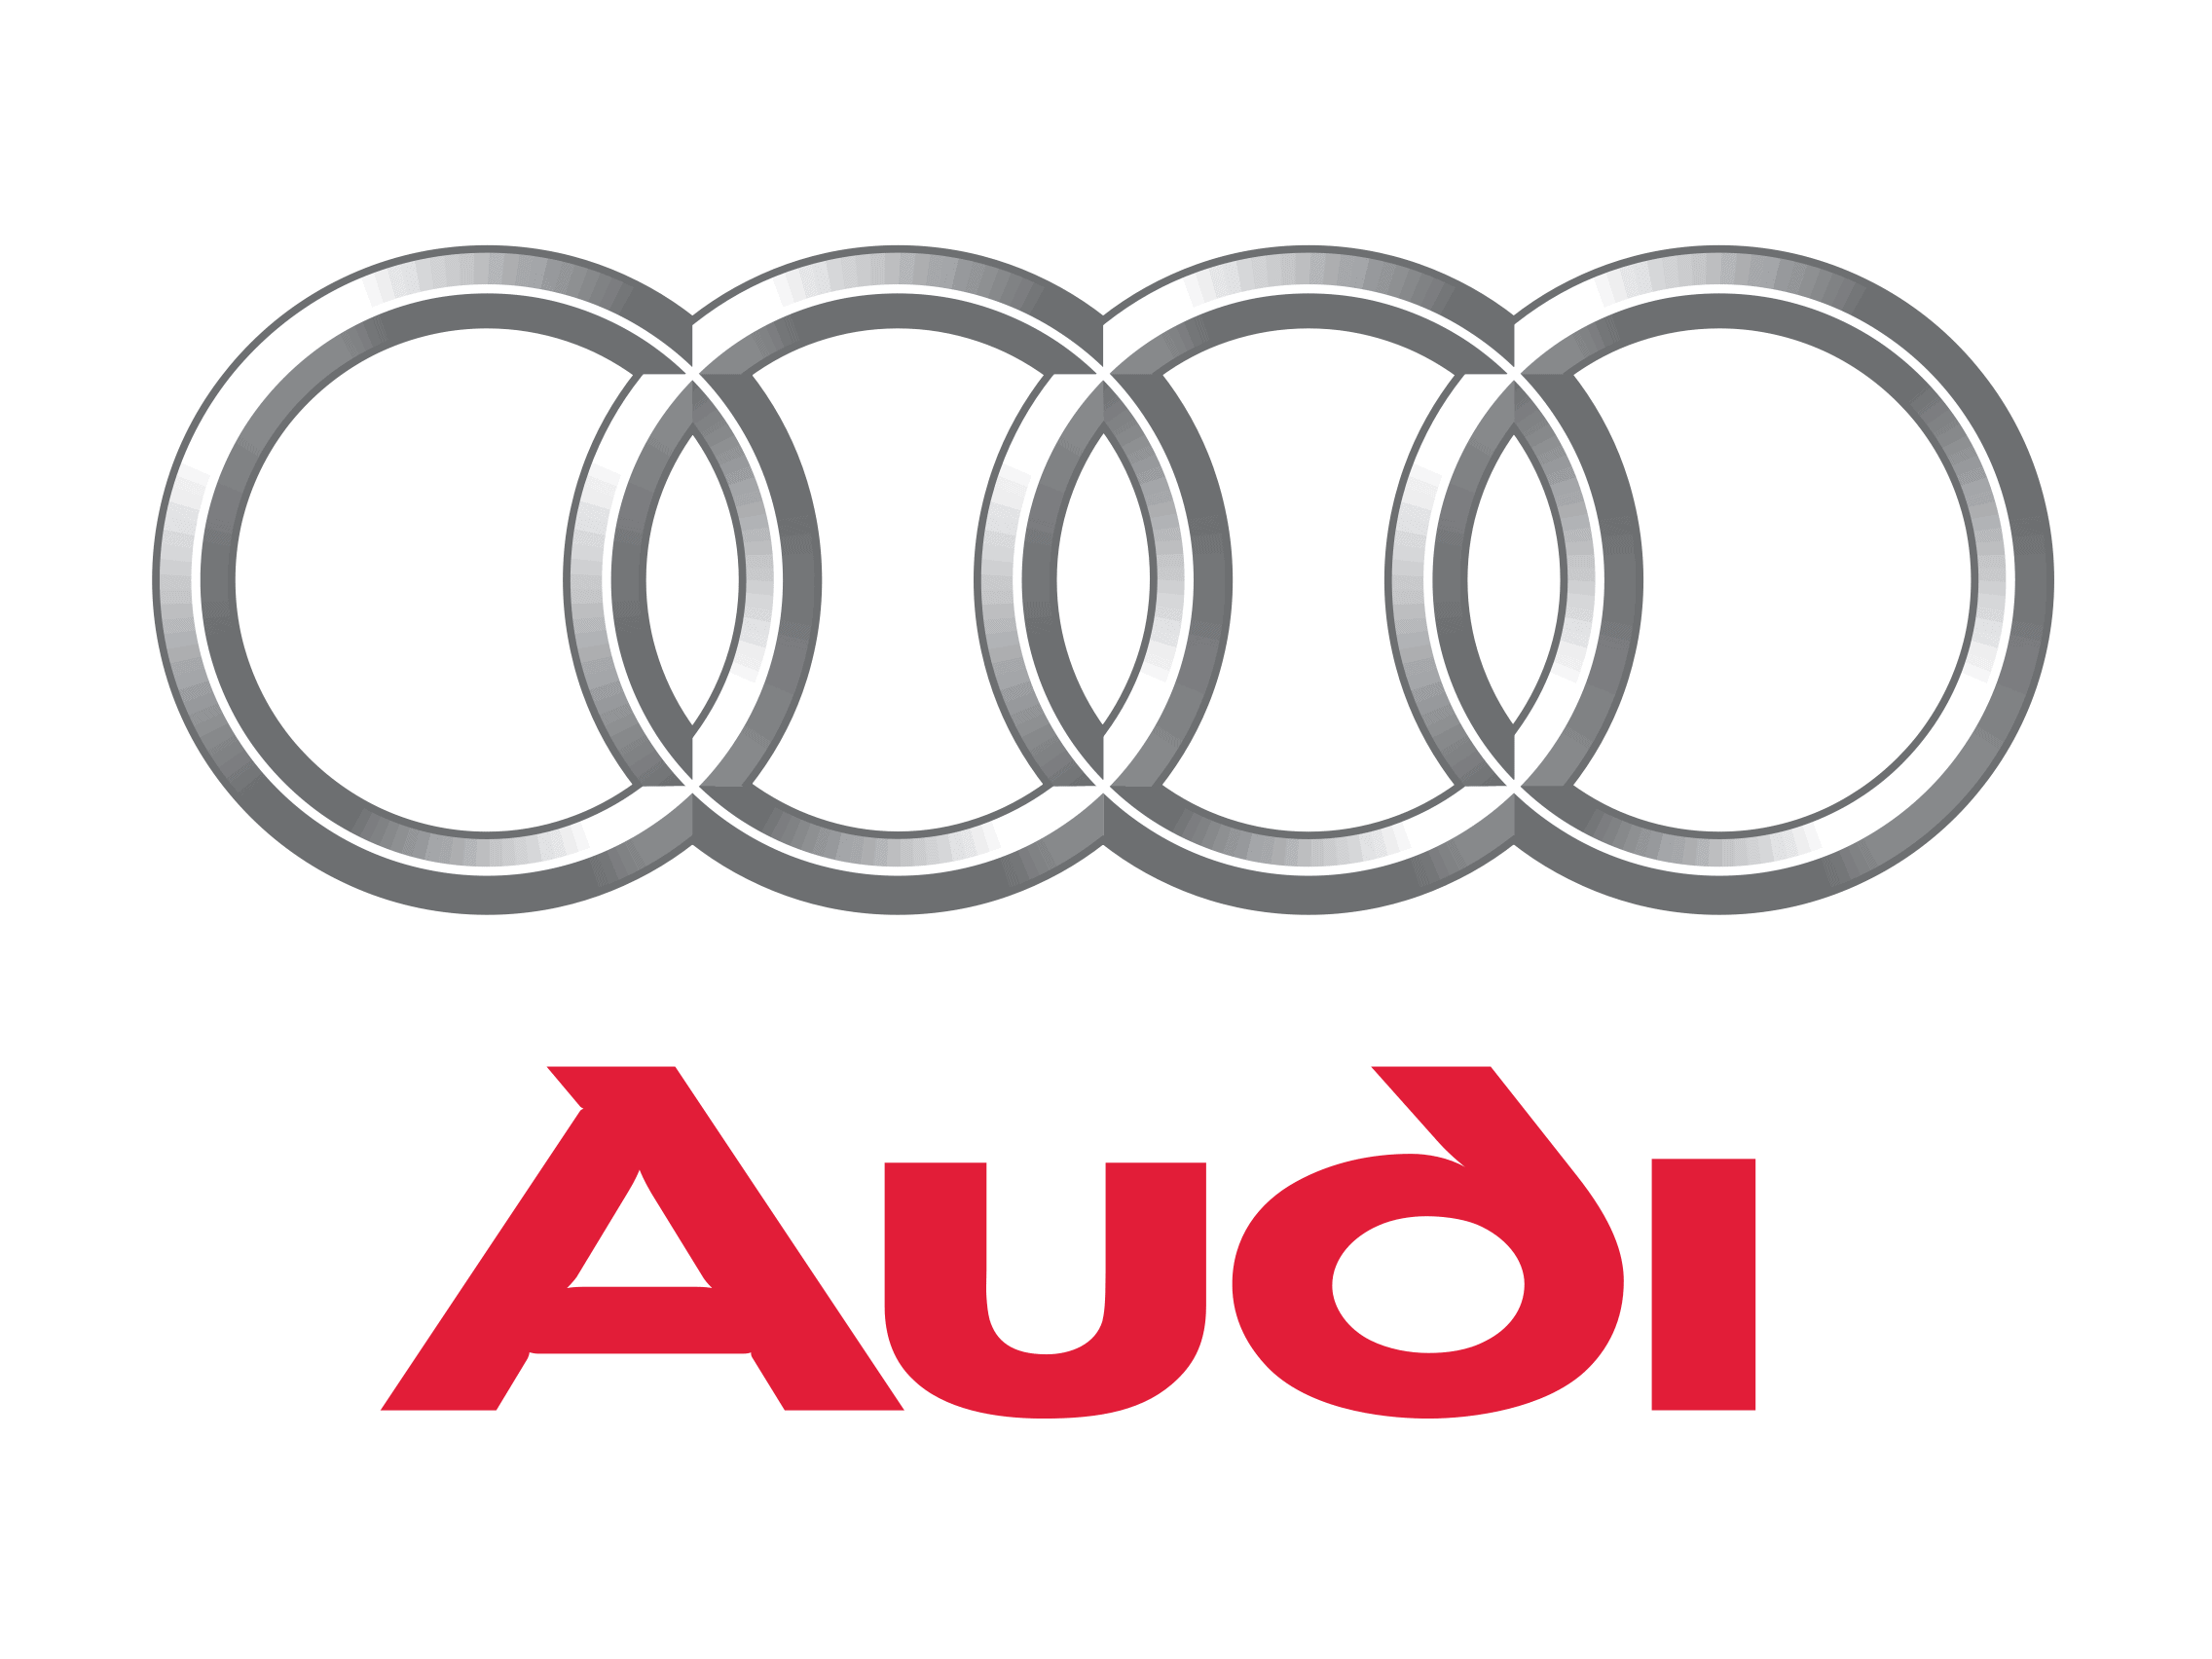 20-те най-известни марки коли и историята на тяхното лого - Muse Creativity студио за реклама и дизайн (16)